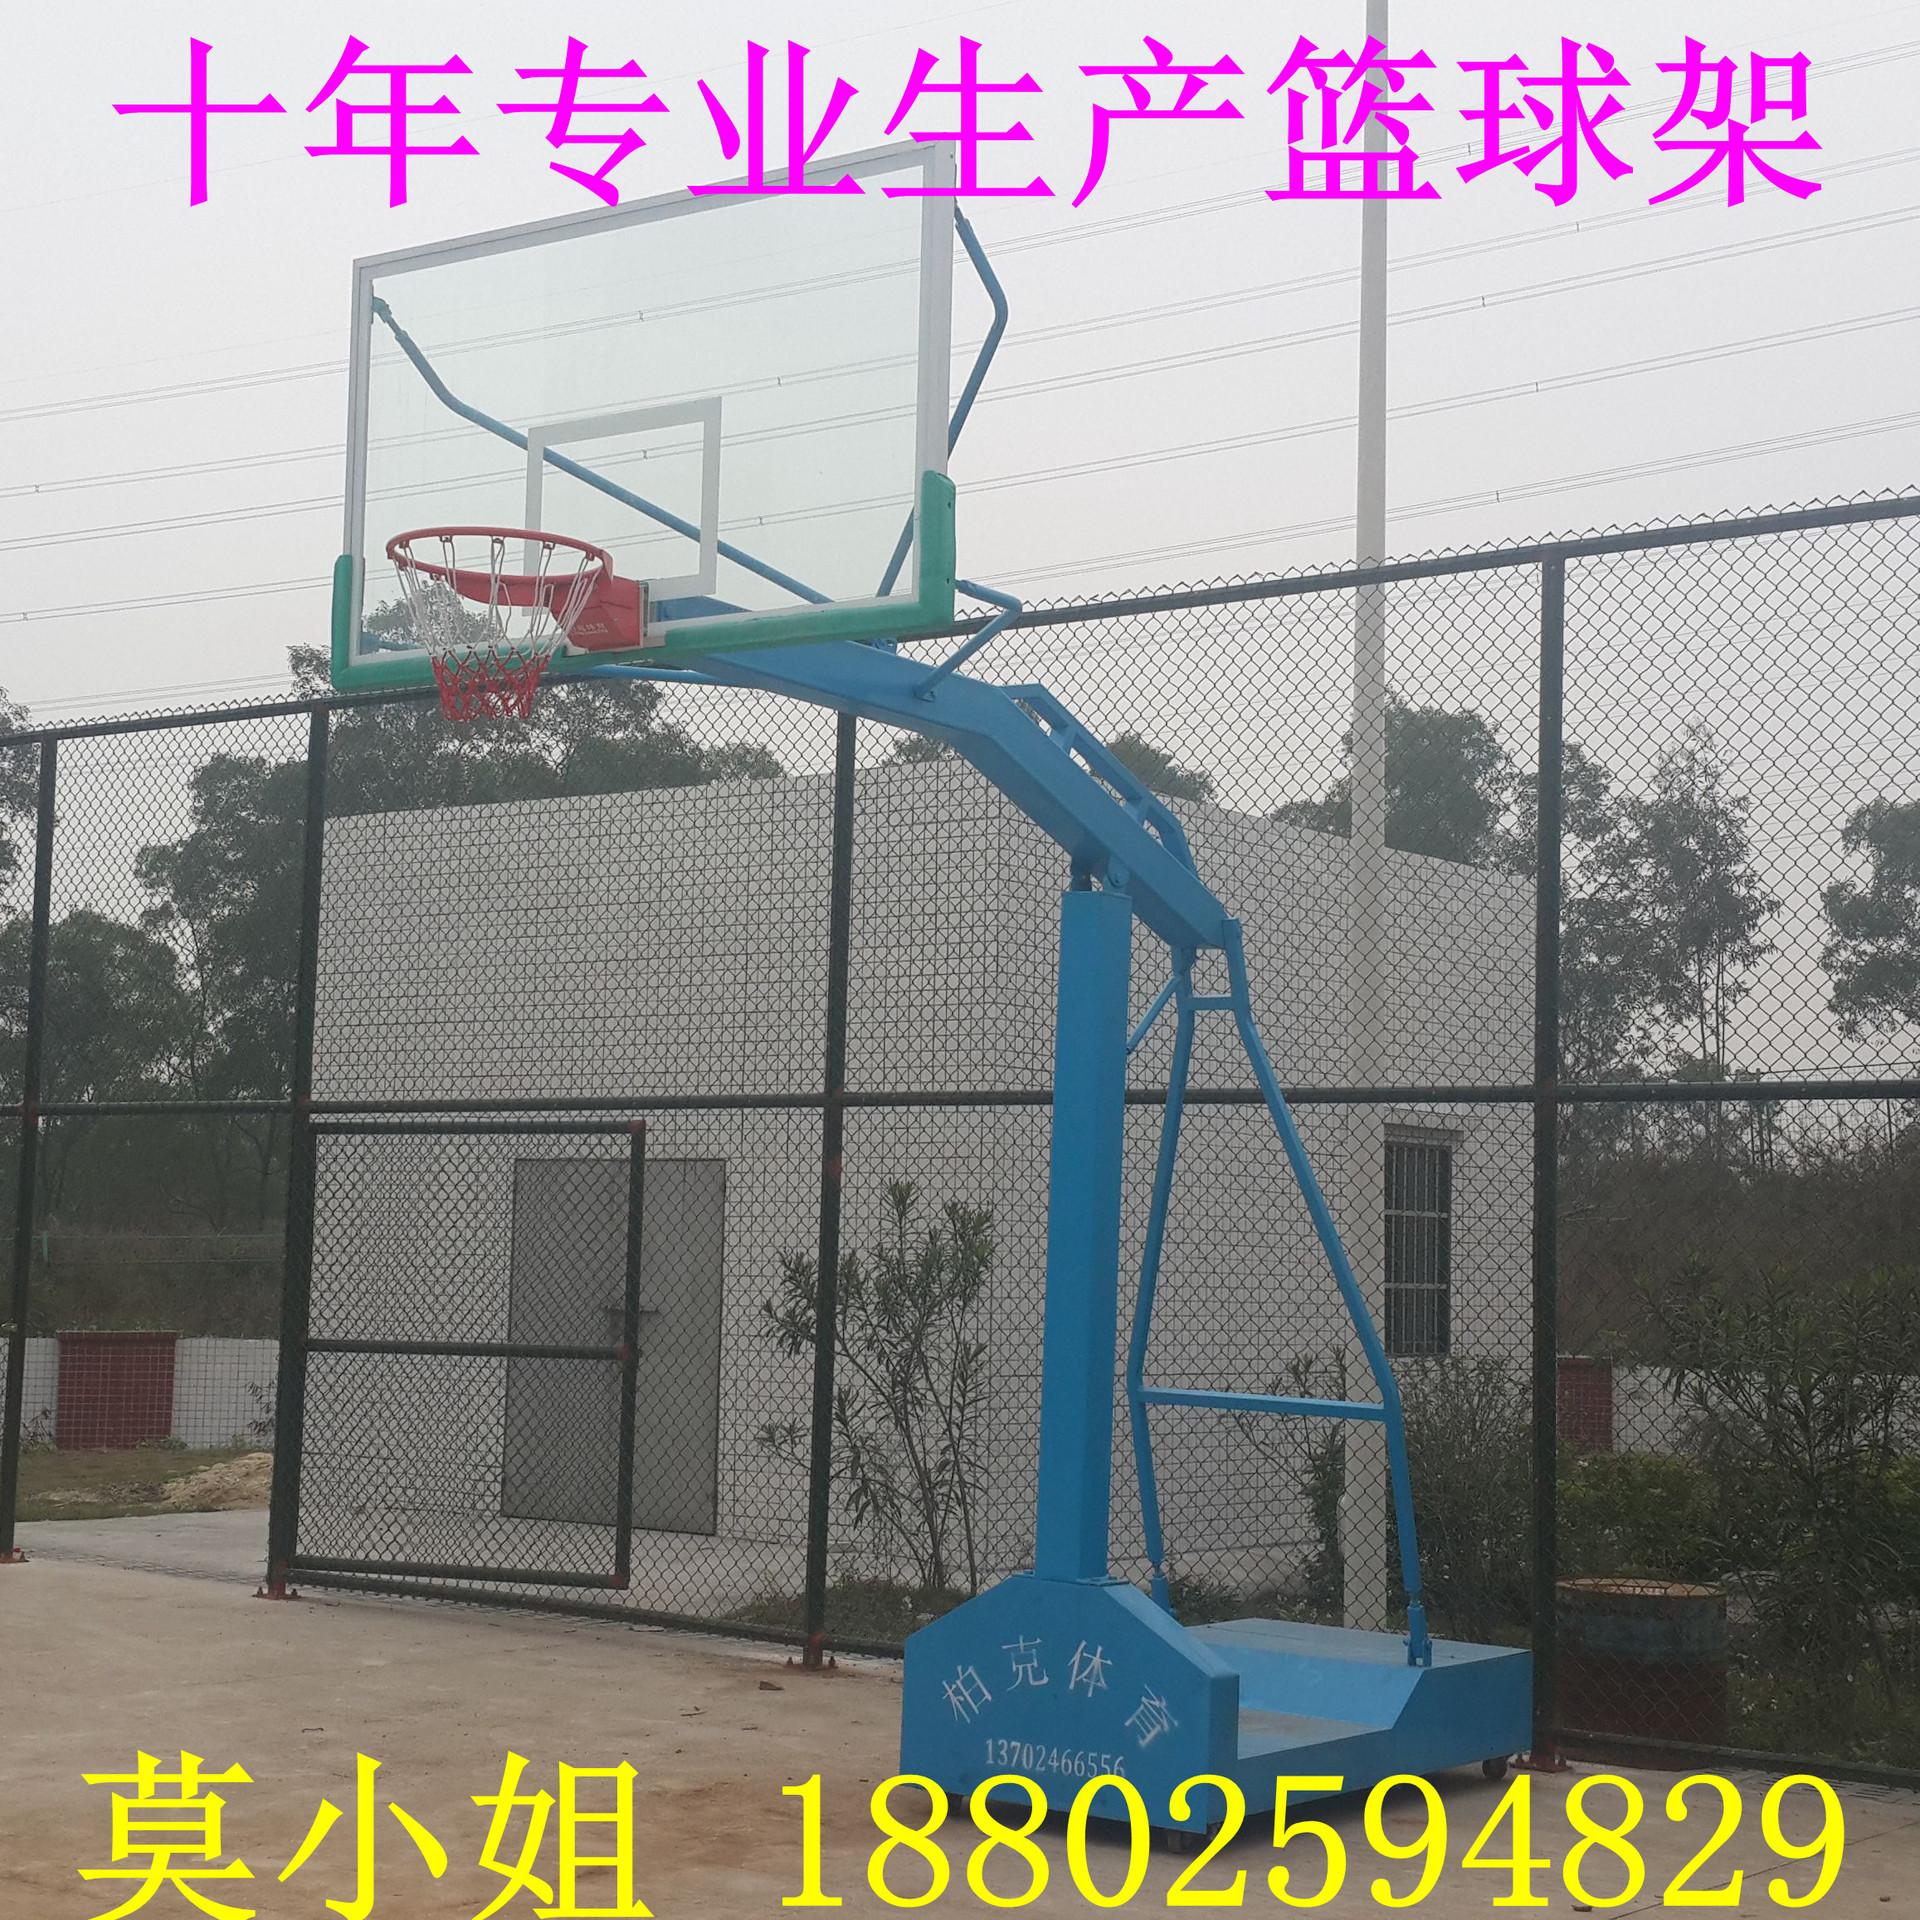 十年专业篮球架生产厂家 珠海移动篮球架生产厂家